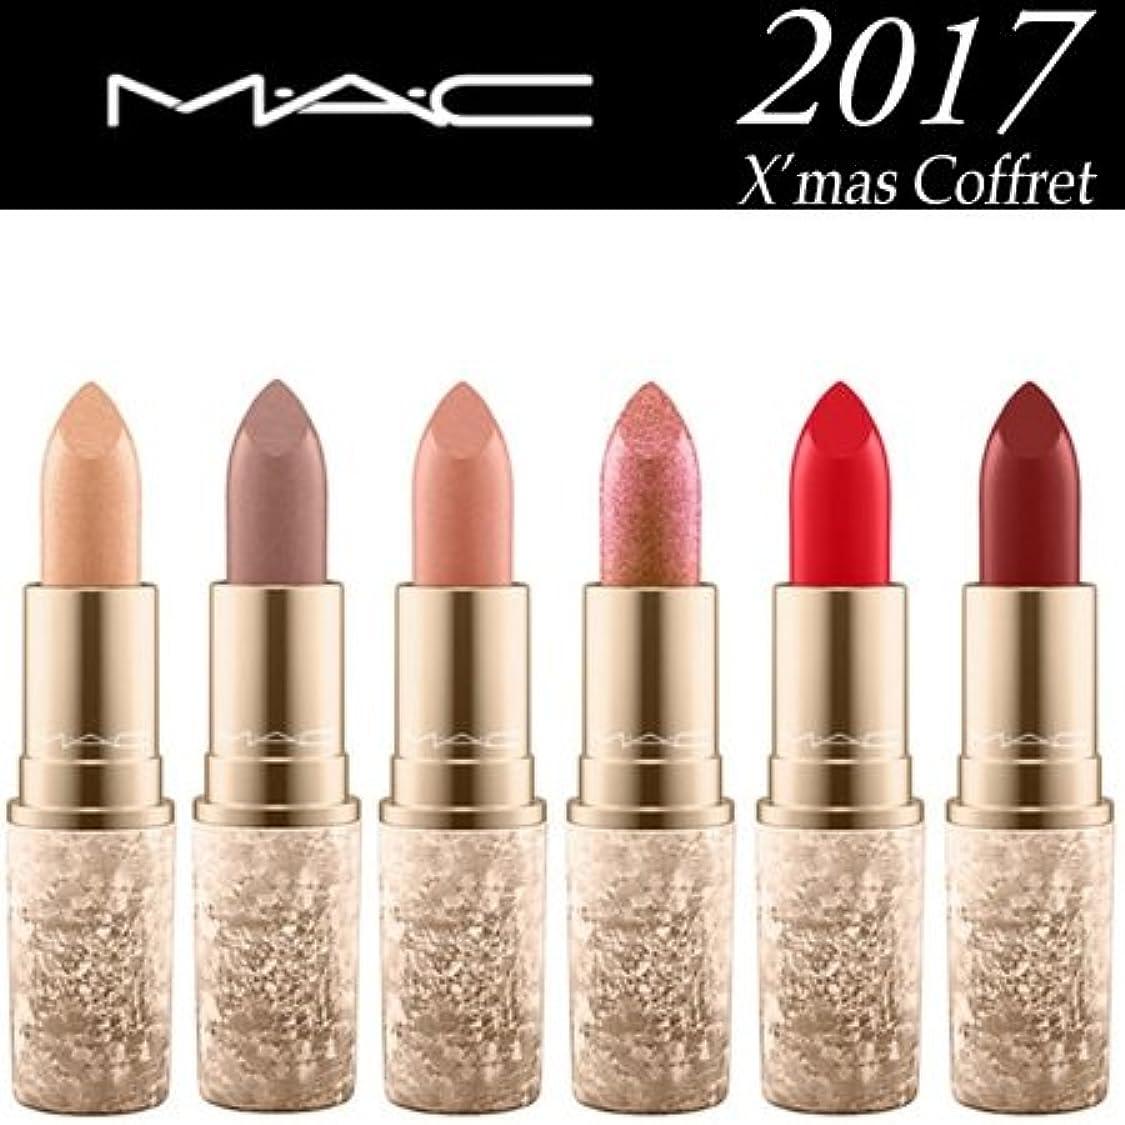 タクトコンパクト視線マック リップスティック 選べる全6色 限定品 2017 クリスマス コフレ M?A?C -MAC- ウォームアイス